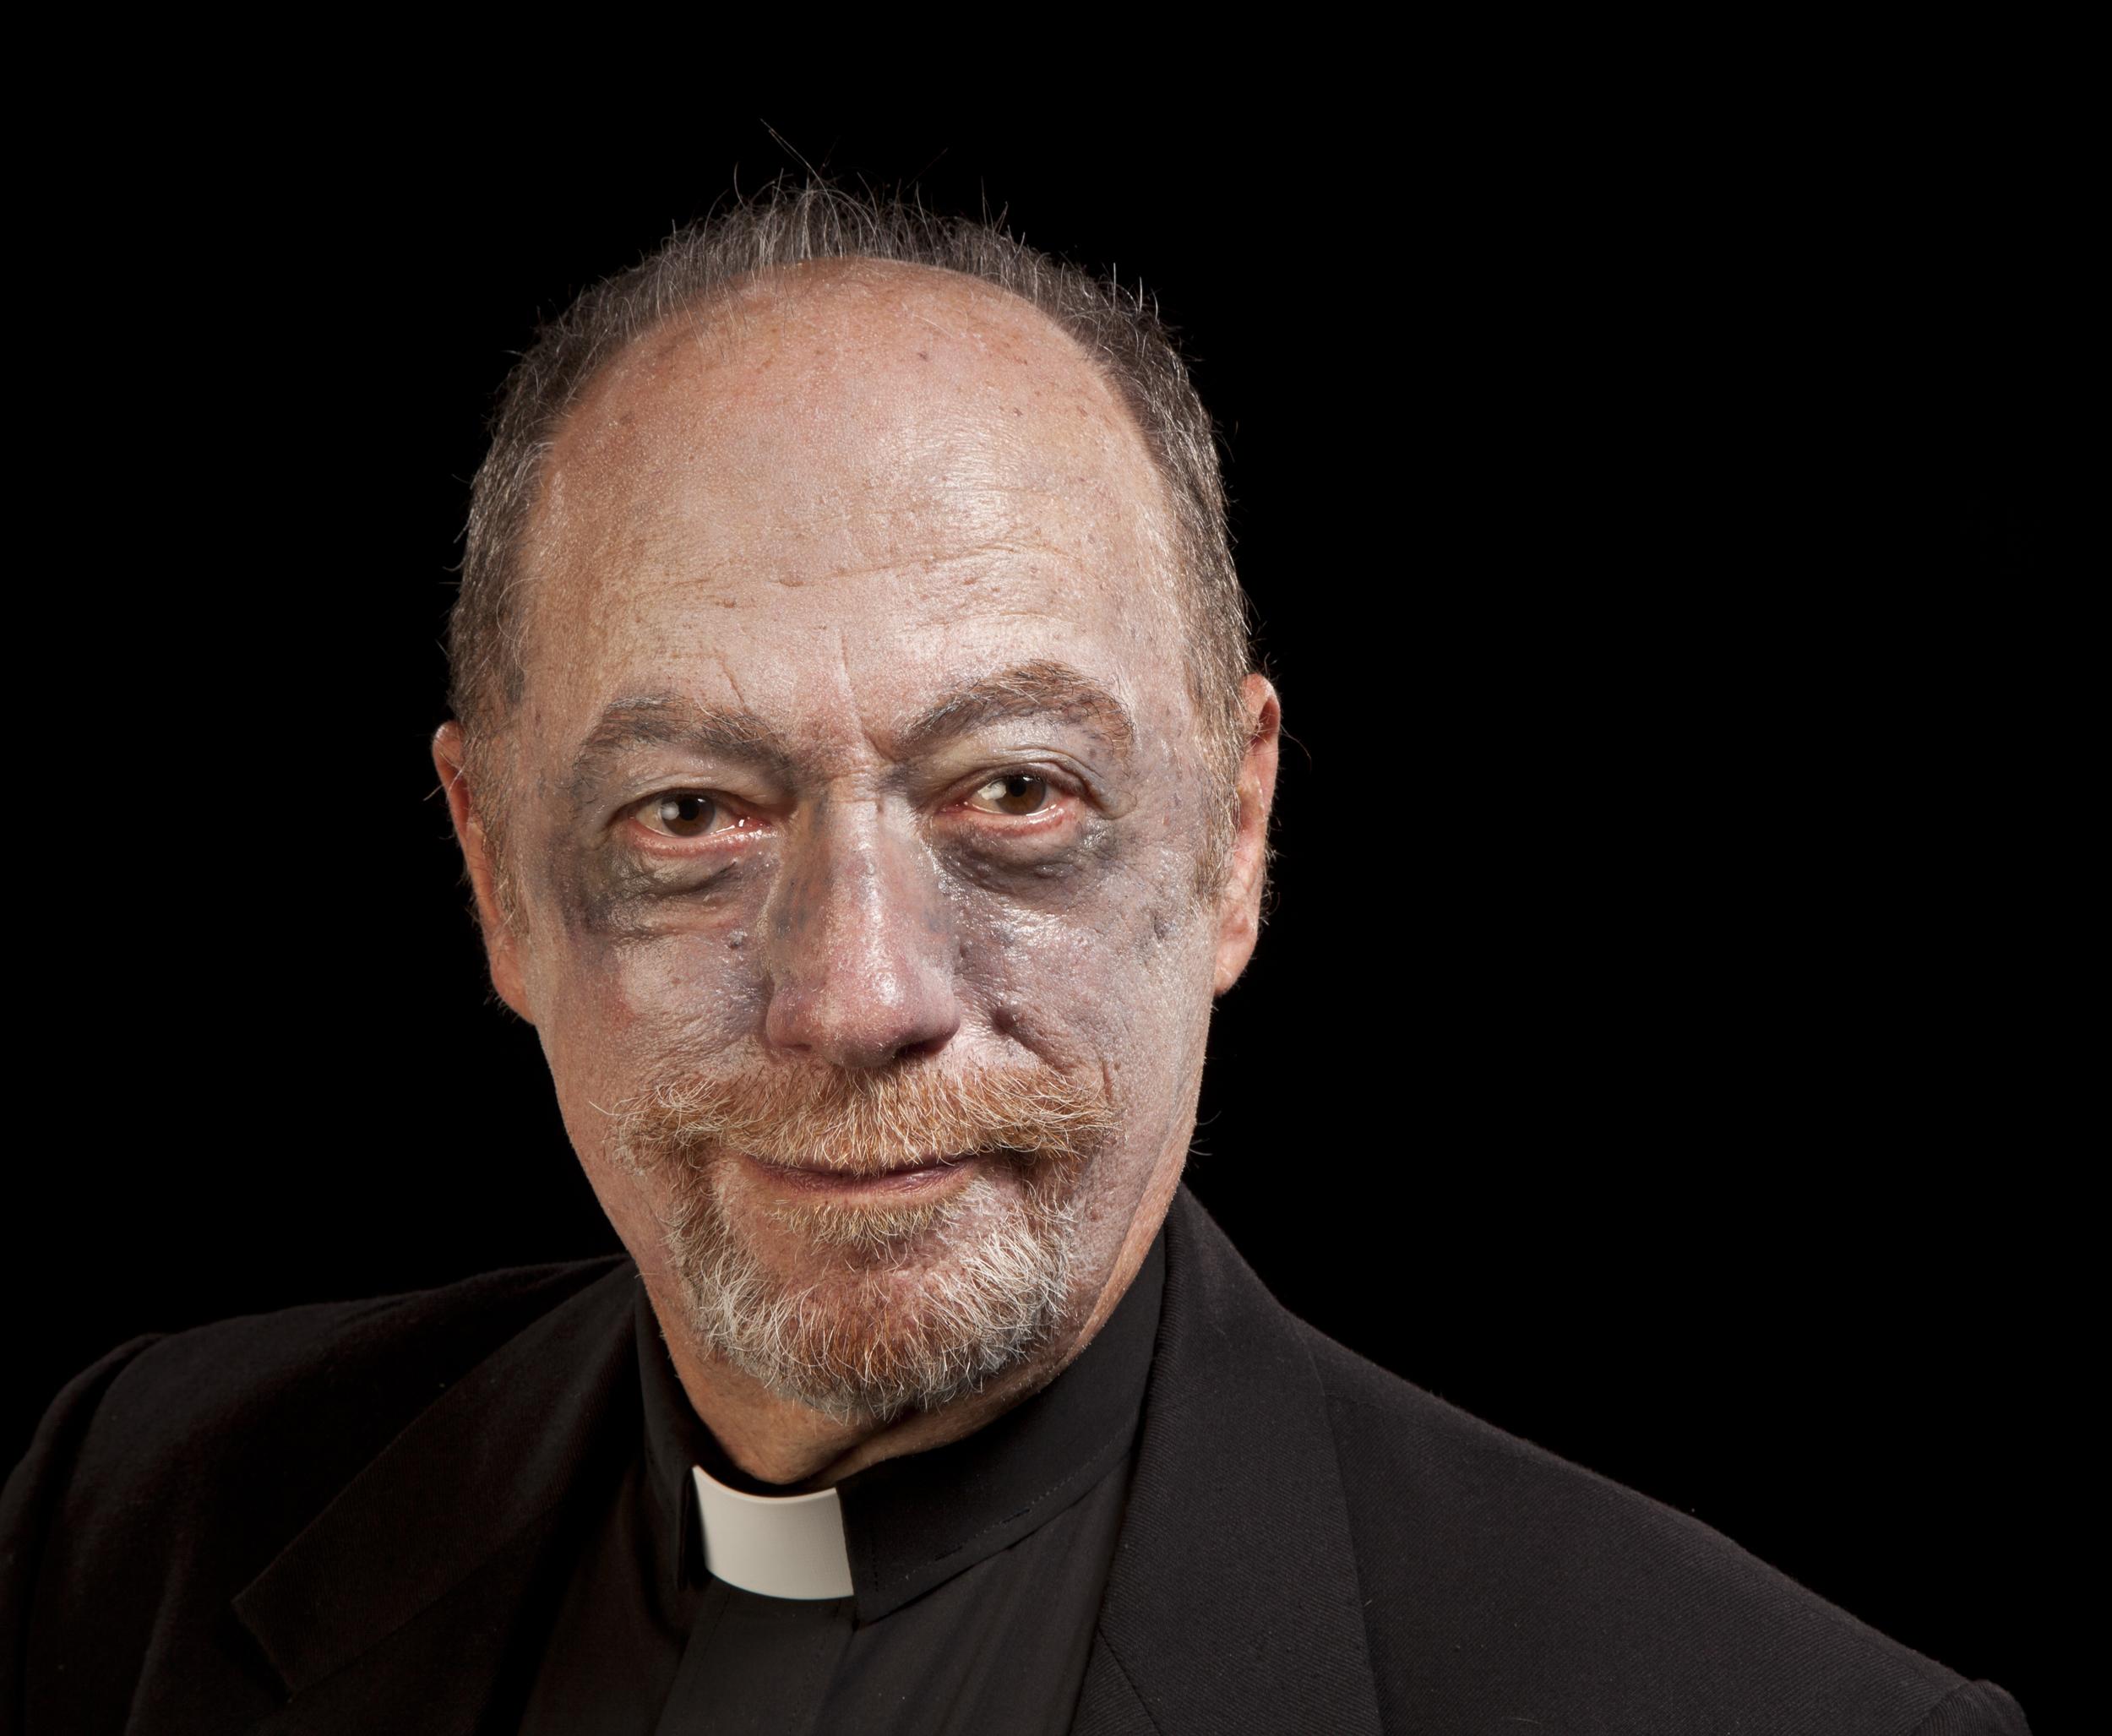 priest collar, ghoulish face,beardIMG_4233.jpg